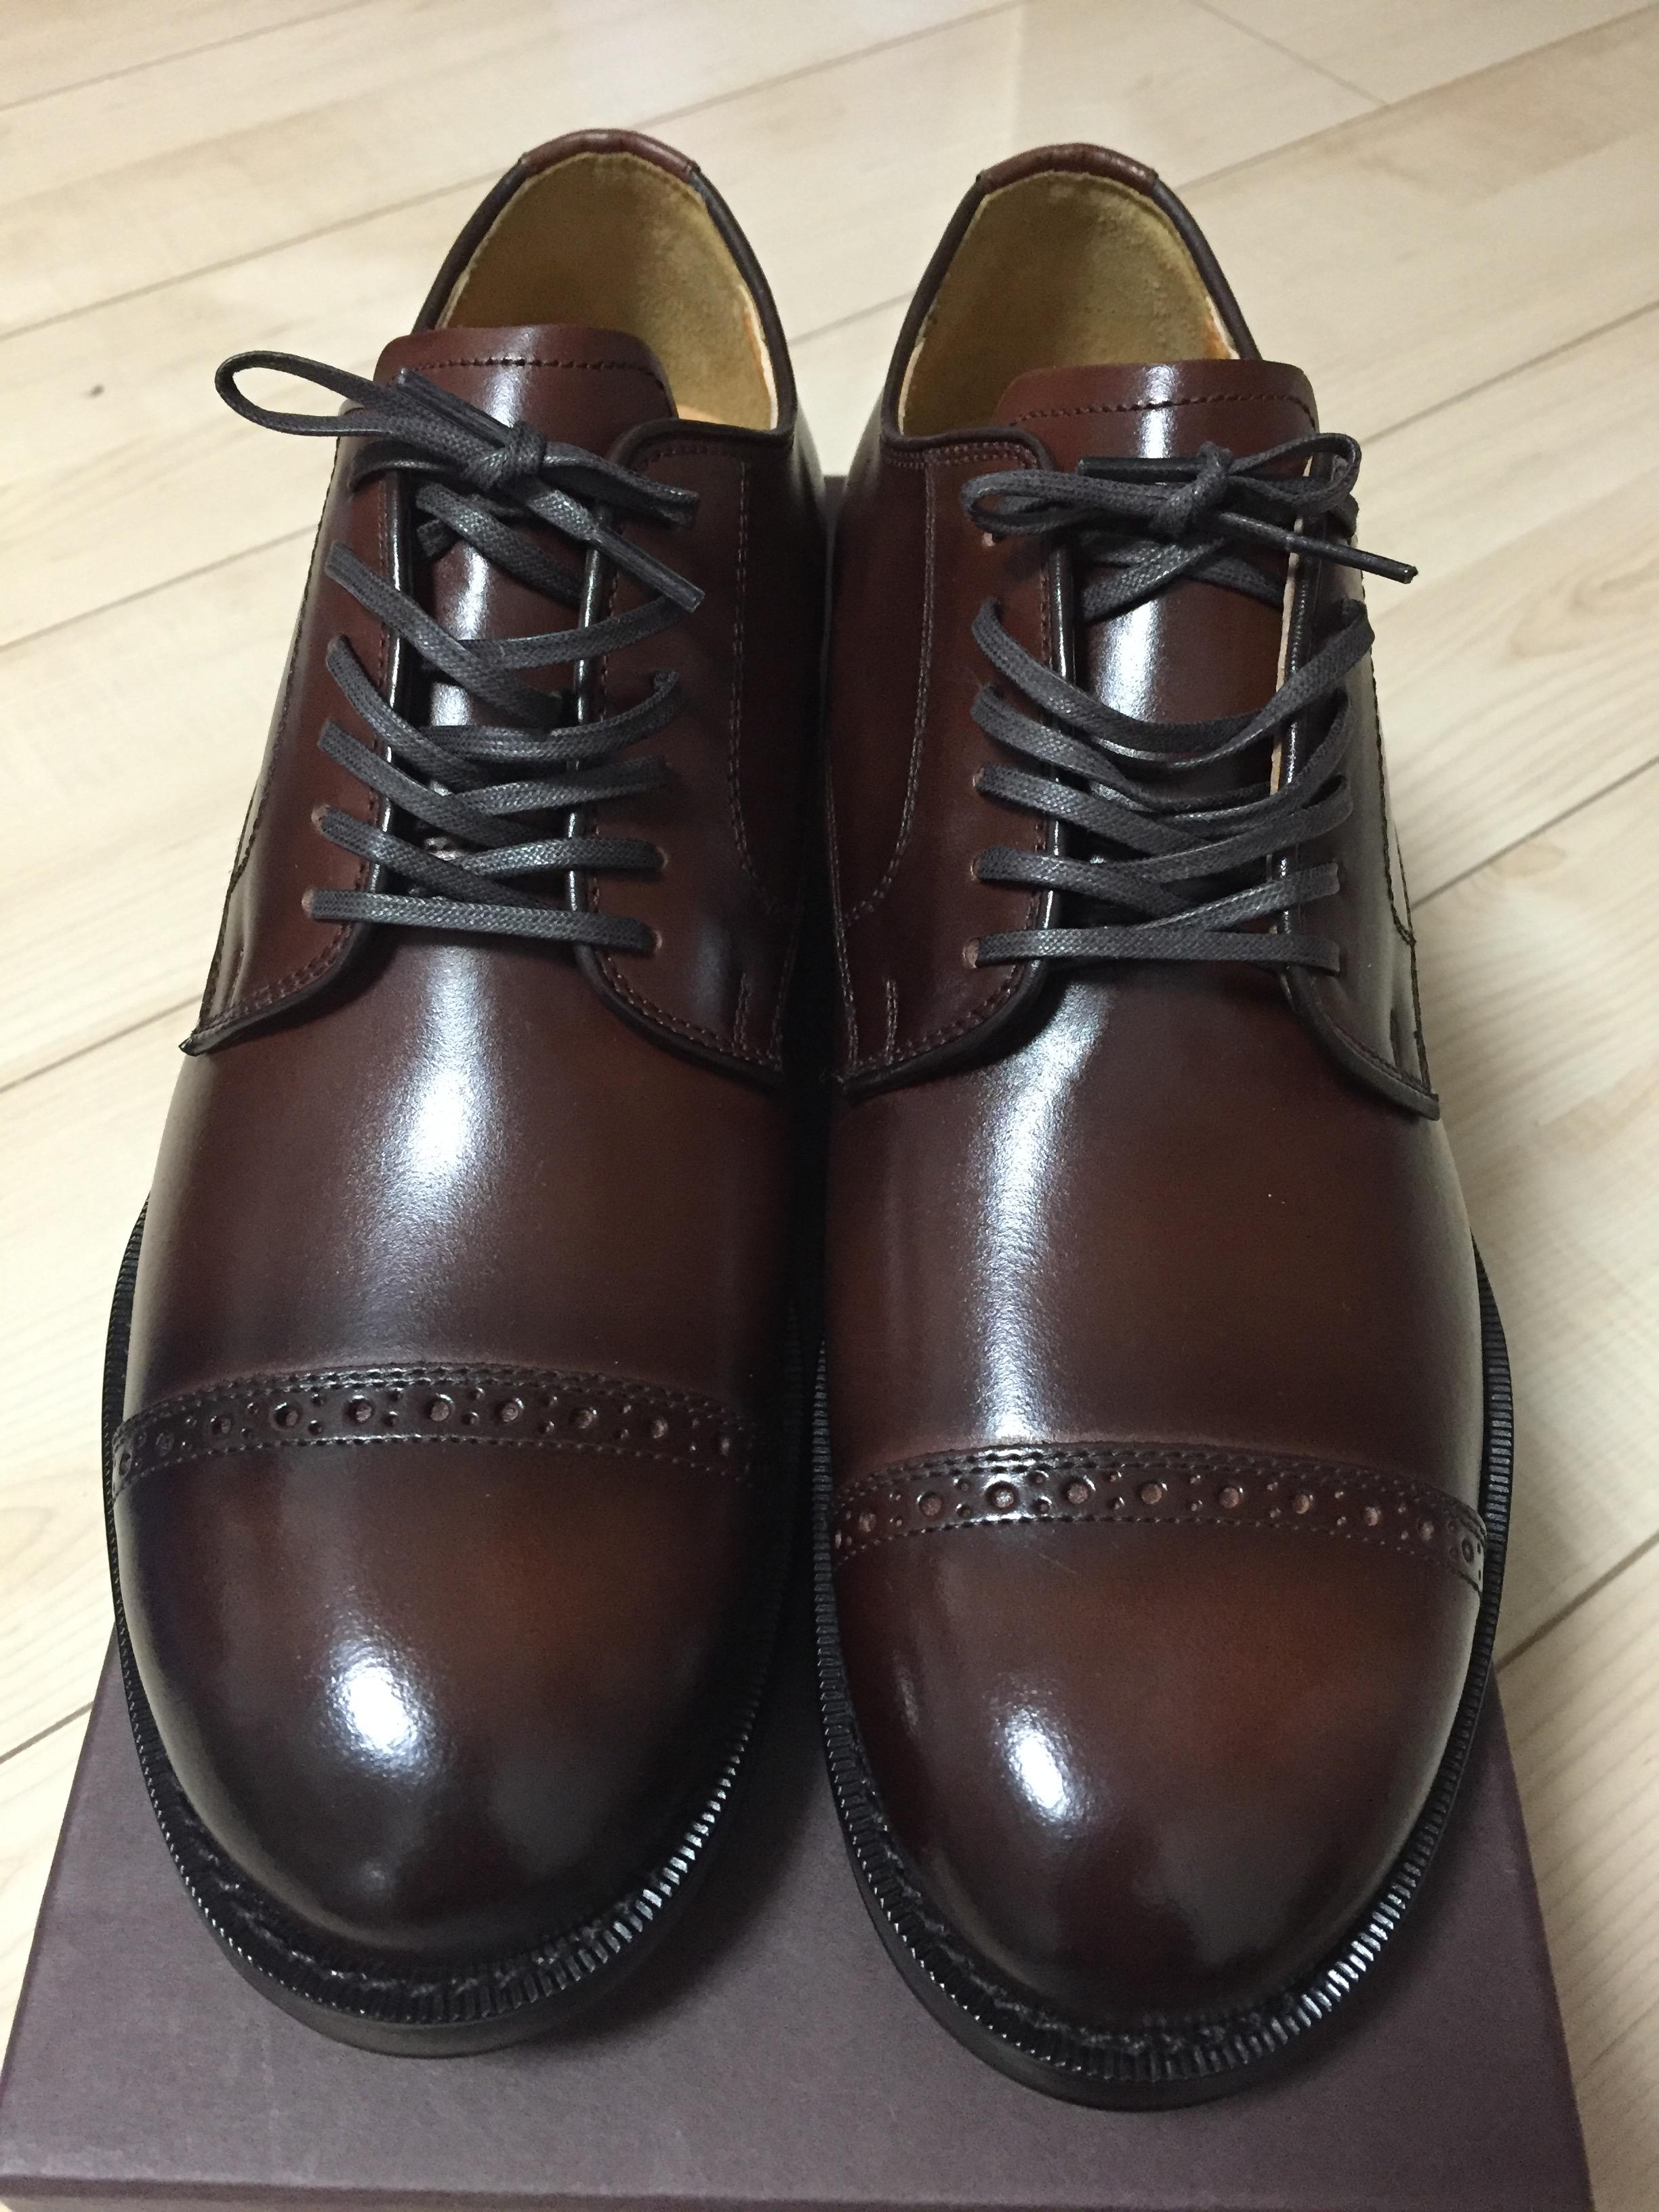 結婚式にUNITED ARROWS GREEN LABEL RELAXINGの革靴を履いてみた!